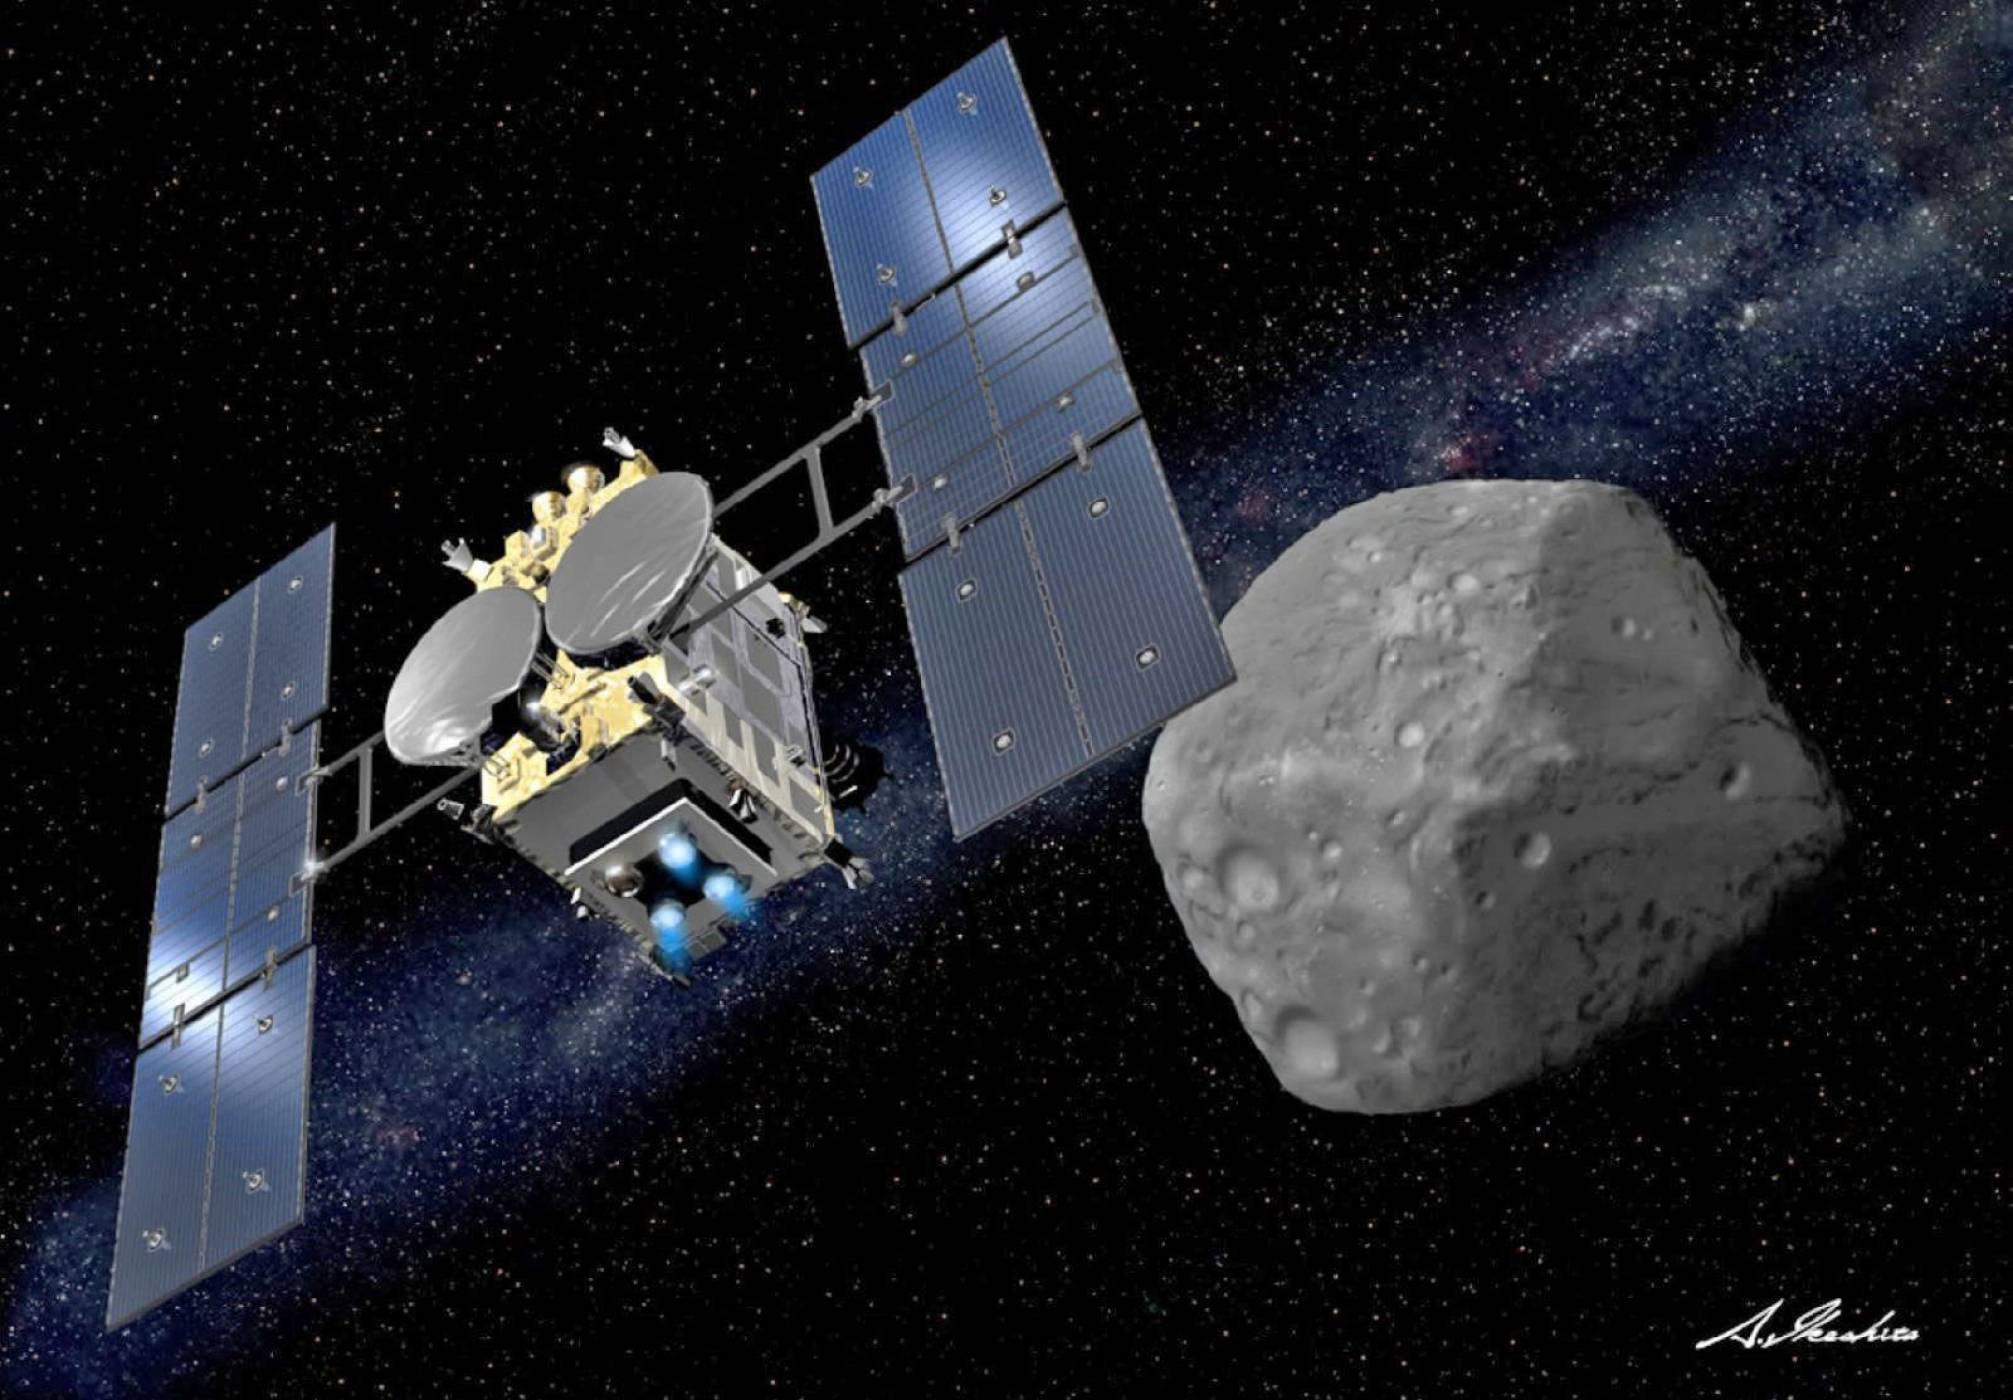 Hayabusa 2 започва да извлича ресурси от астероид на 22 февруари